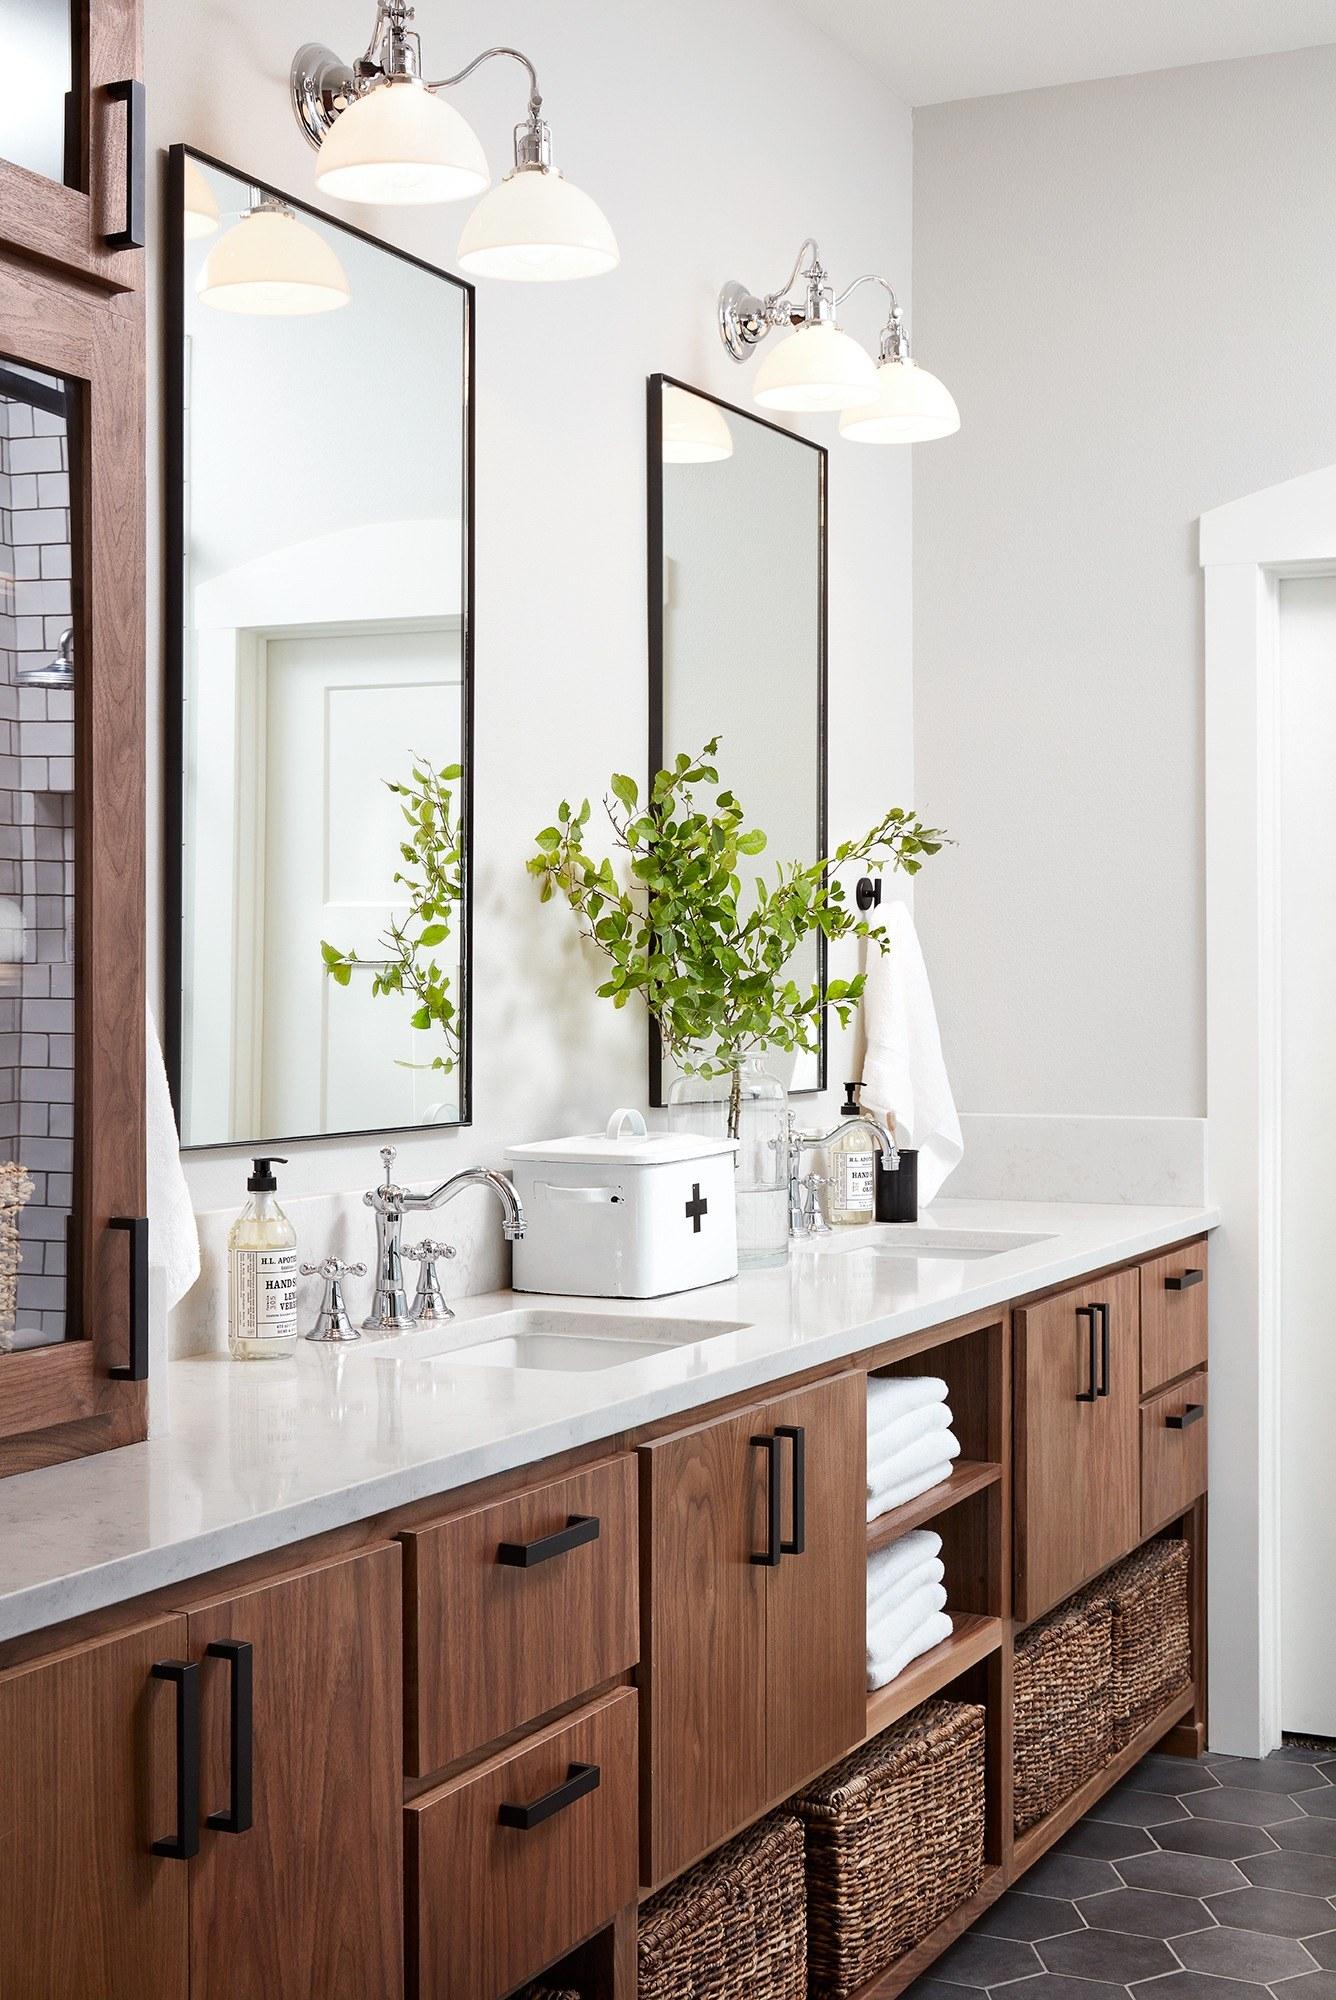 Fixer upper double vanity